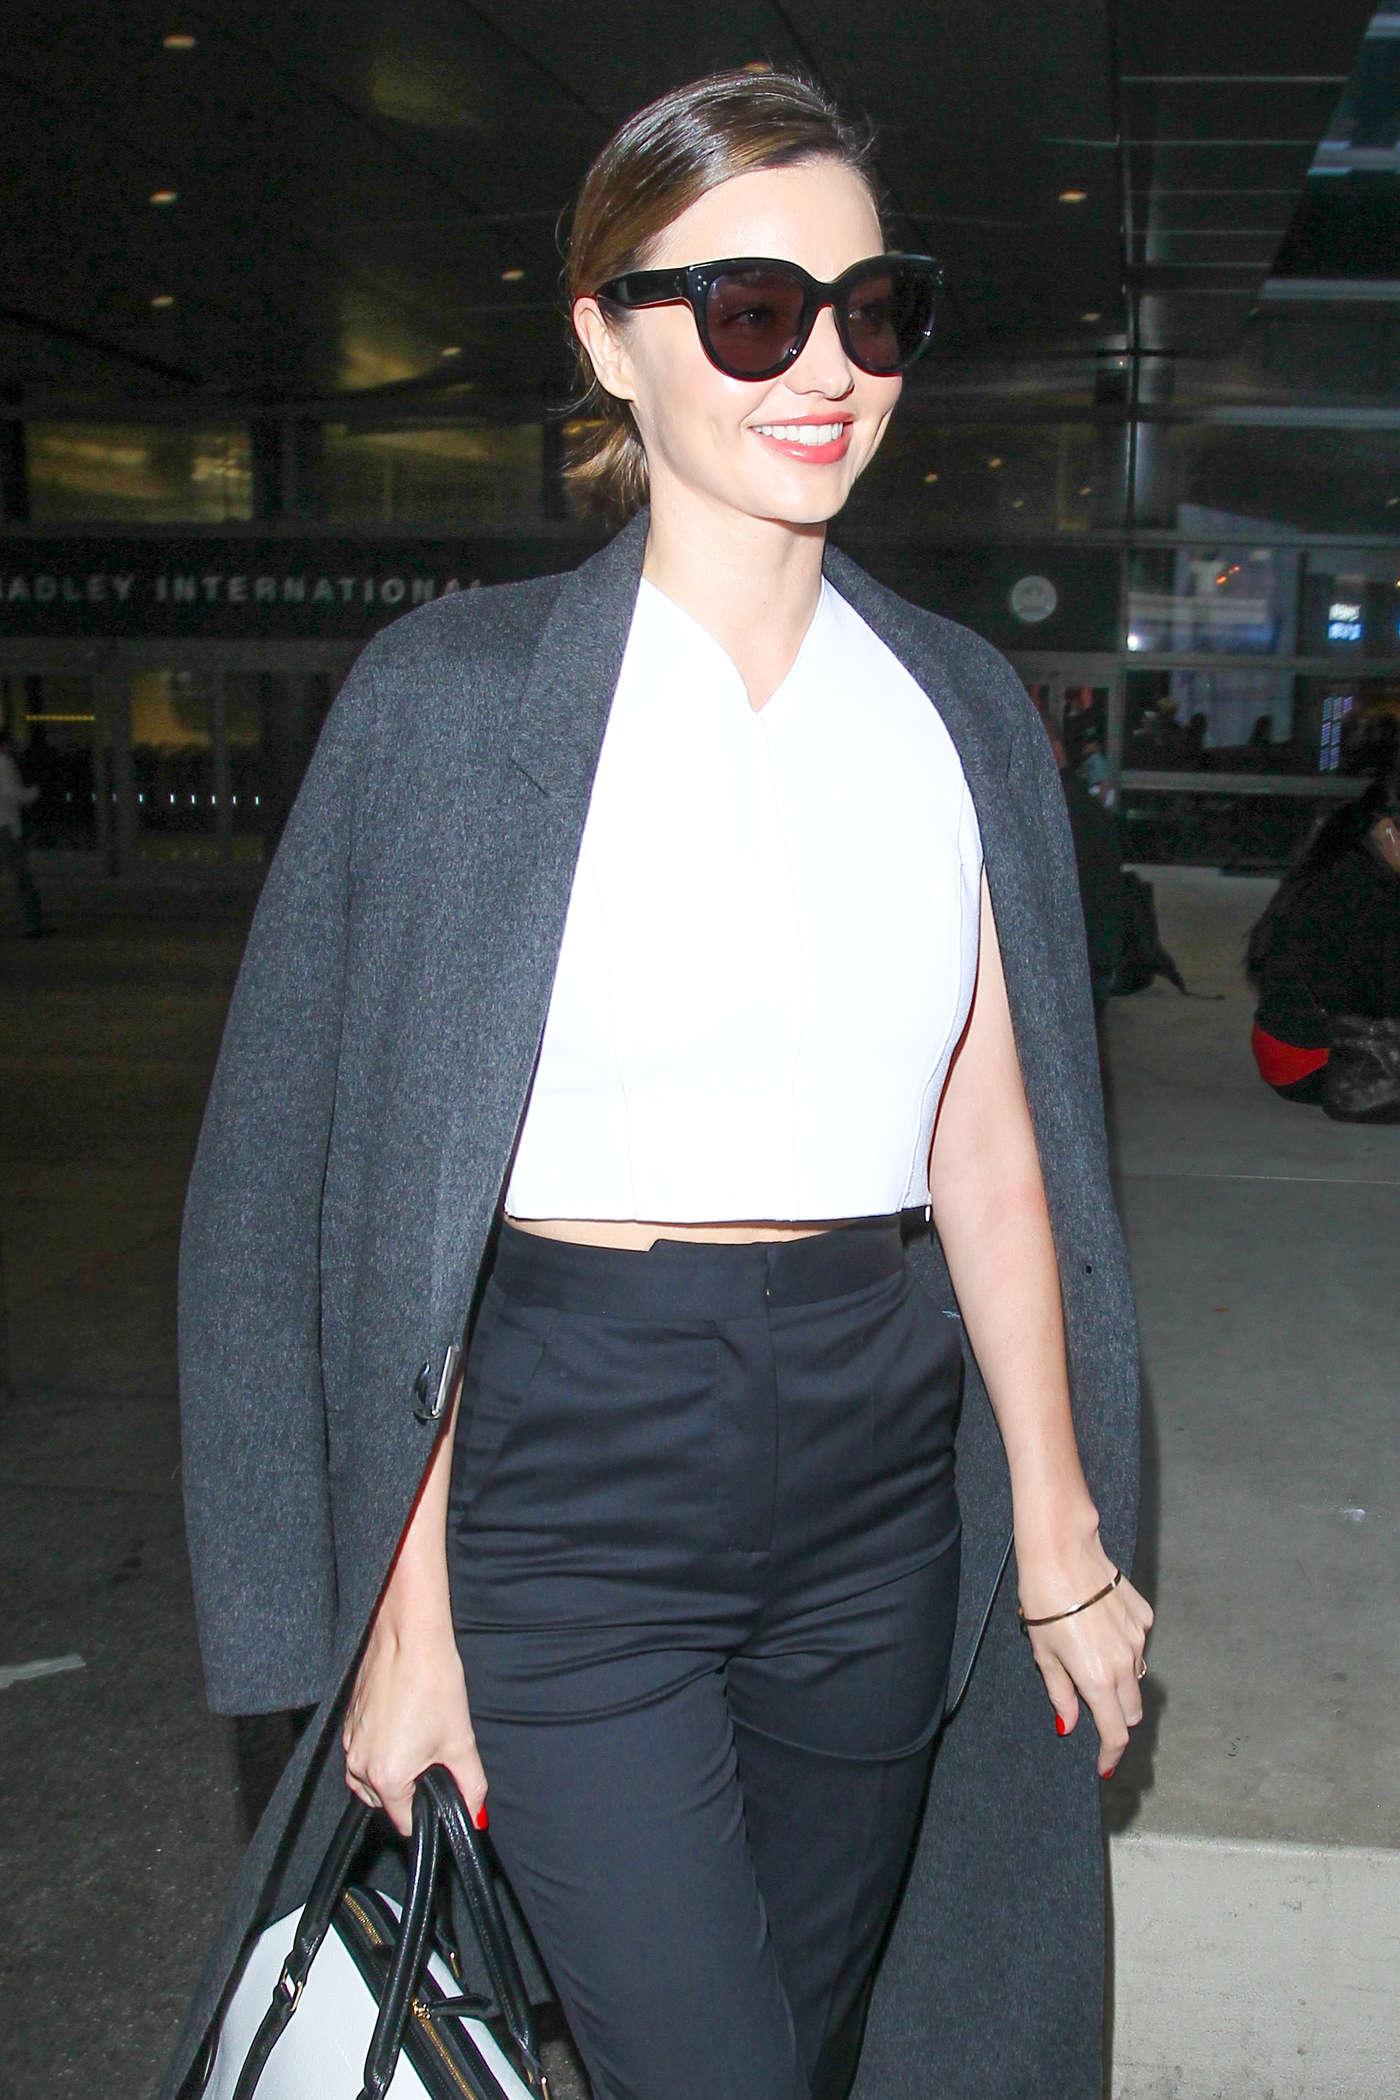 Miranda Kerr 2016 : Miranda Kerr at LAX Airport in LA -08